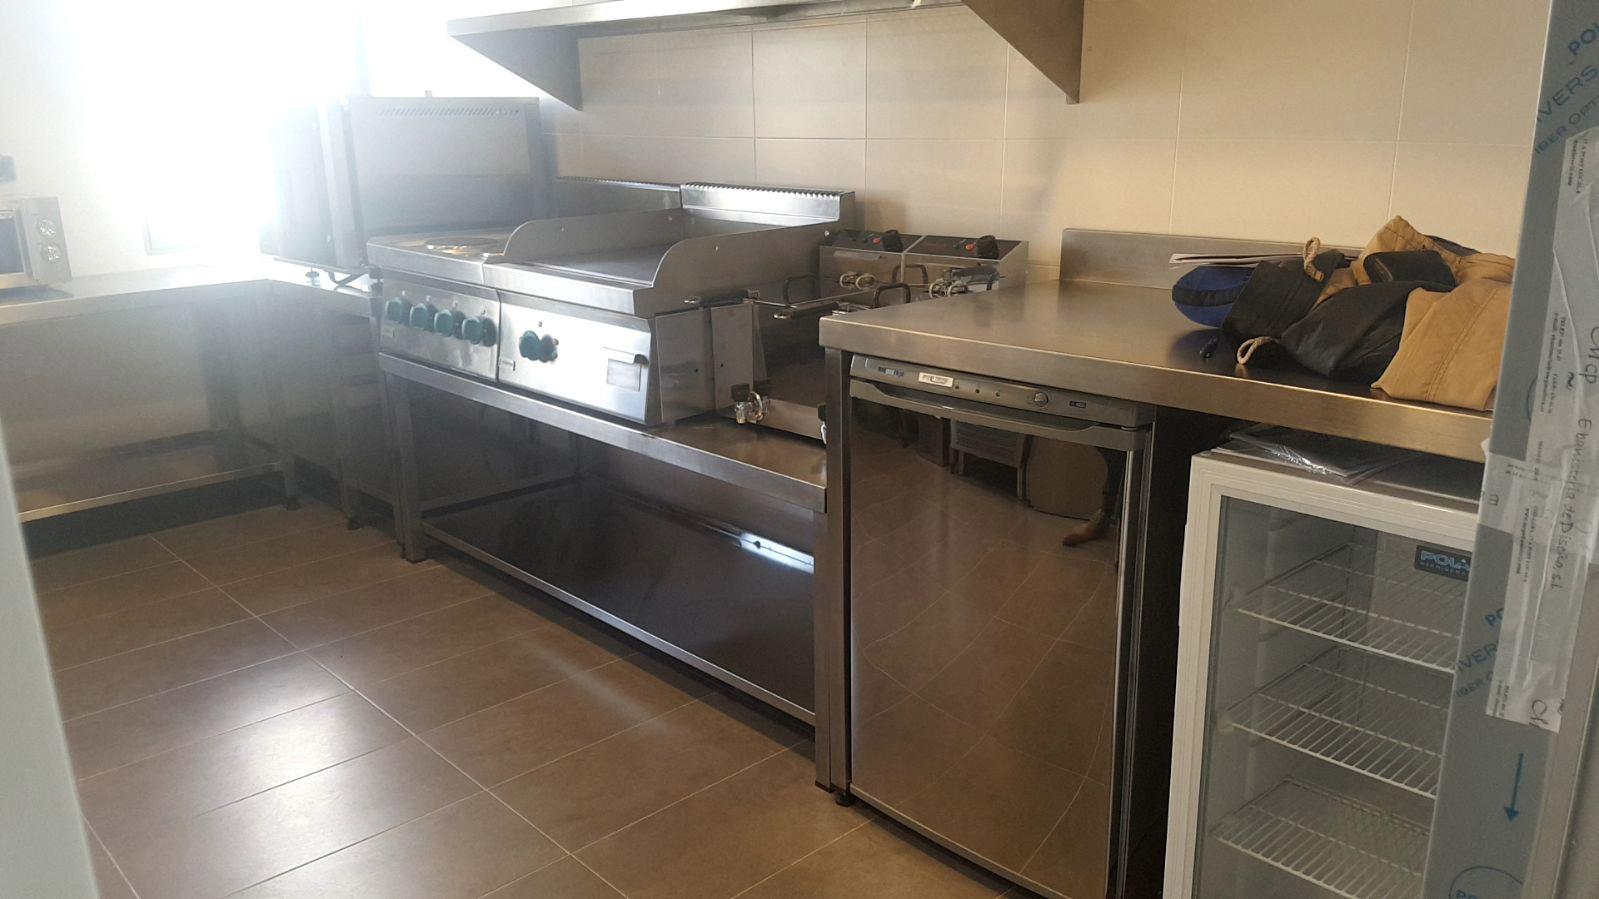 Dise o fabricaci n y montaje de cocina industrial del banco popular aceroinnova fabricante - Mobiliario de cocina industrial ...